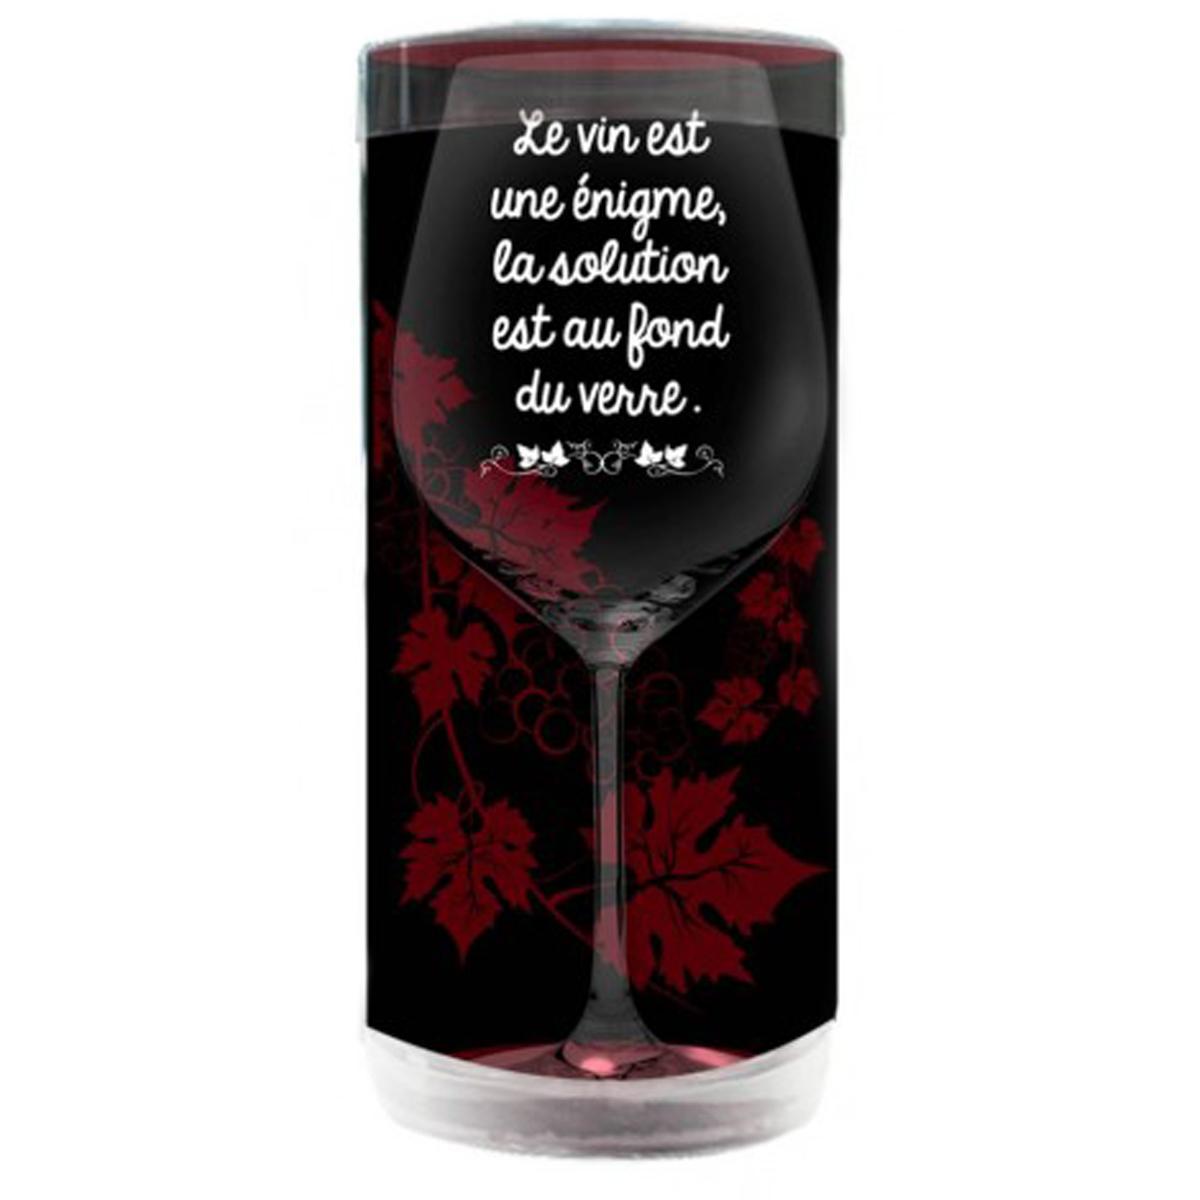 Verre à vin humoristique \'Messages\' (le vin est une énigme, la solution est au fond du verre) - 23x95 cm - [P9895]